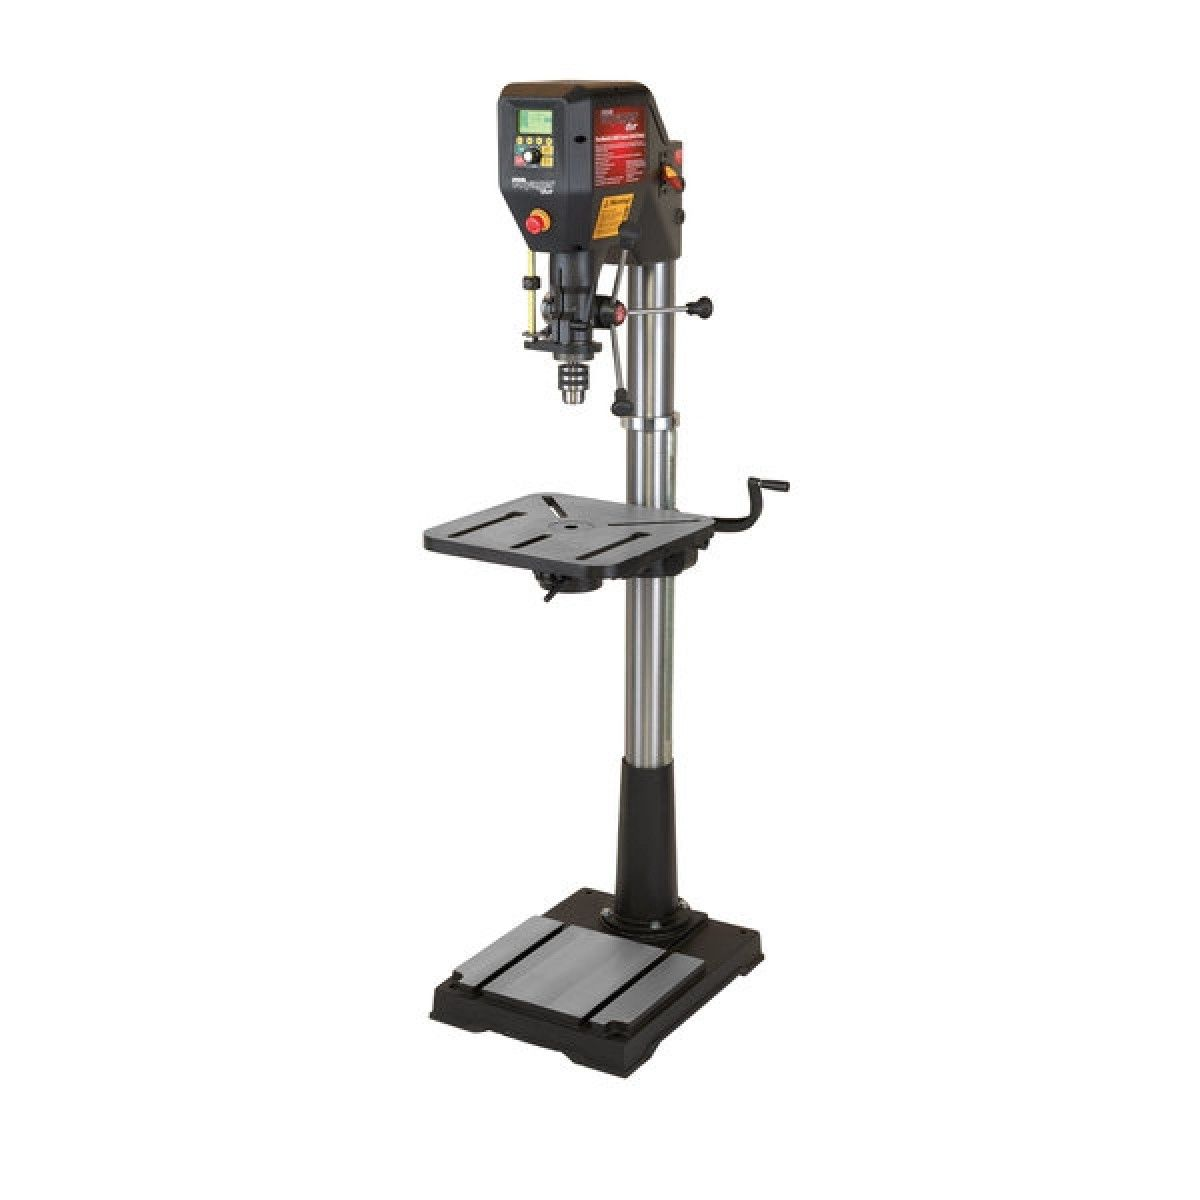 medium resolution of teknatool nova voyager dvr drill press drill press manual outdoor power equipment stuff